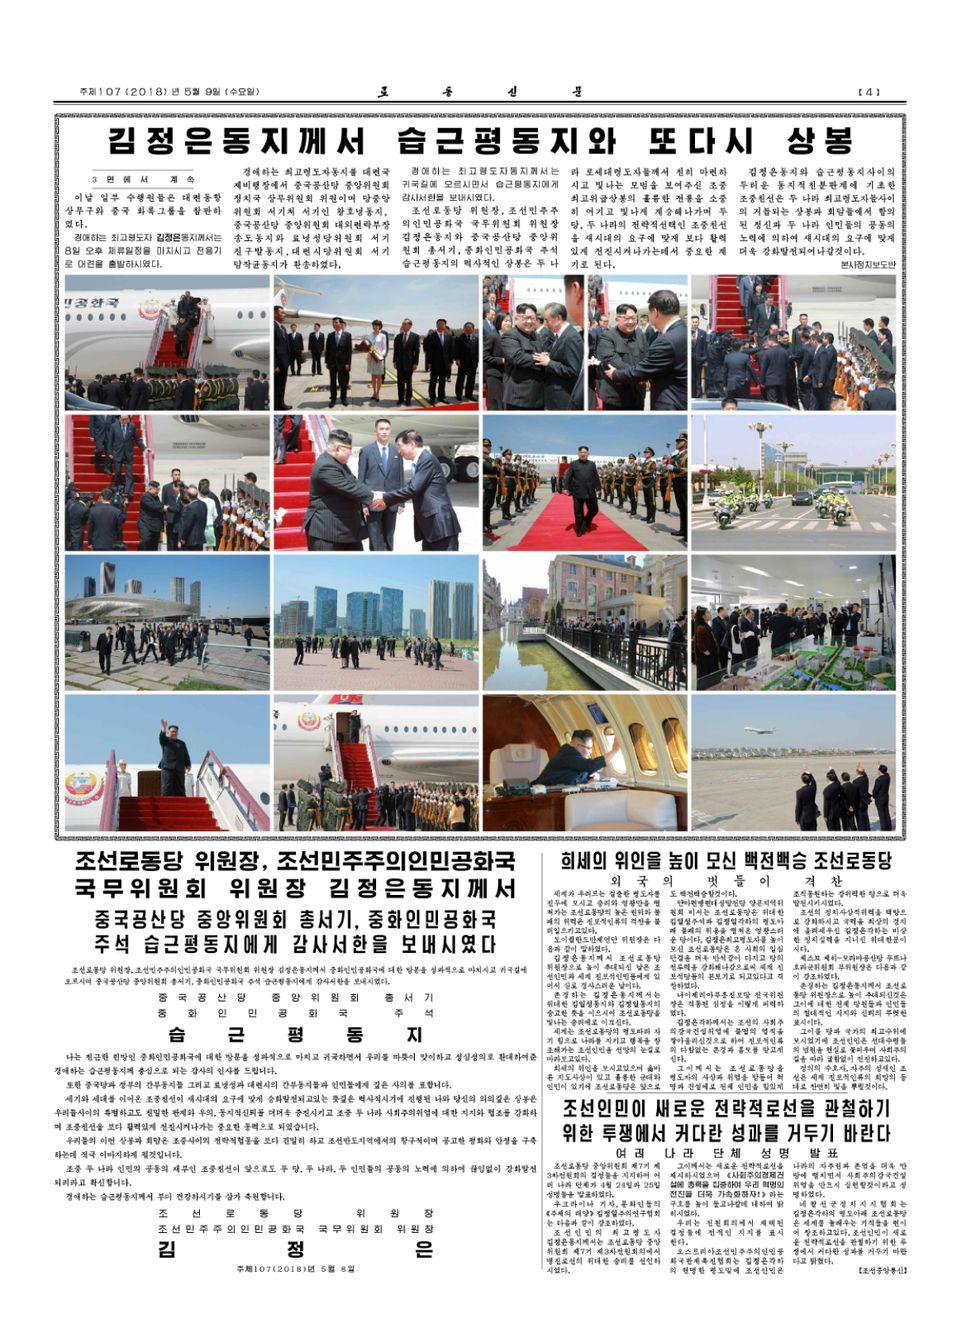 북한 언론이 대대적으로 보도한 김정은-시진핑 정상회담